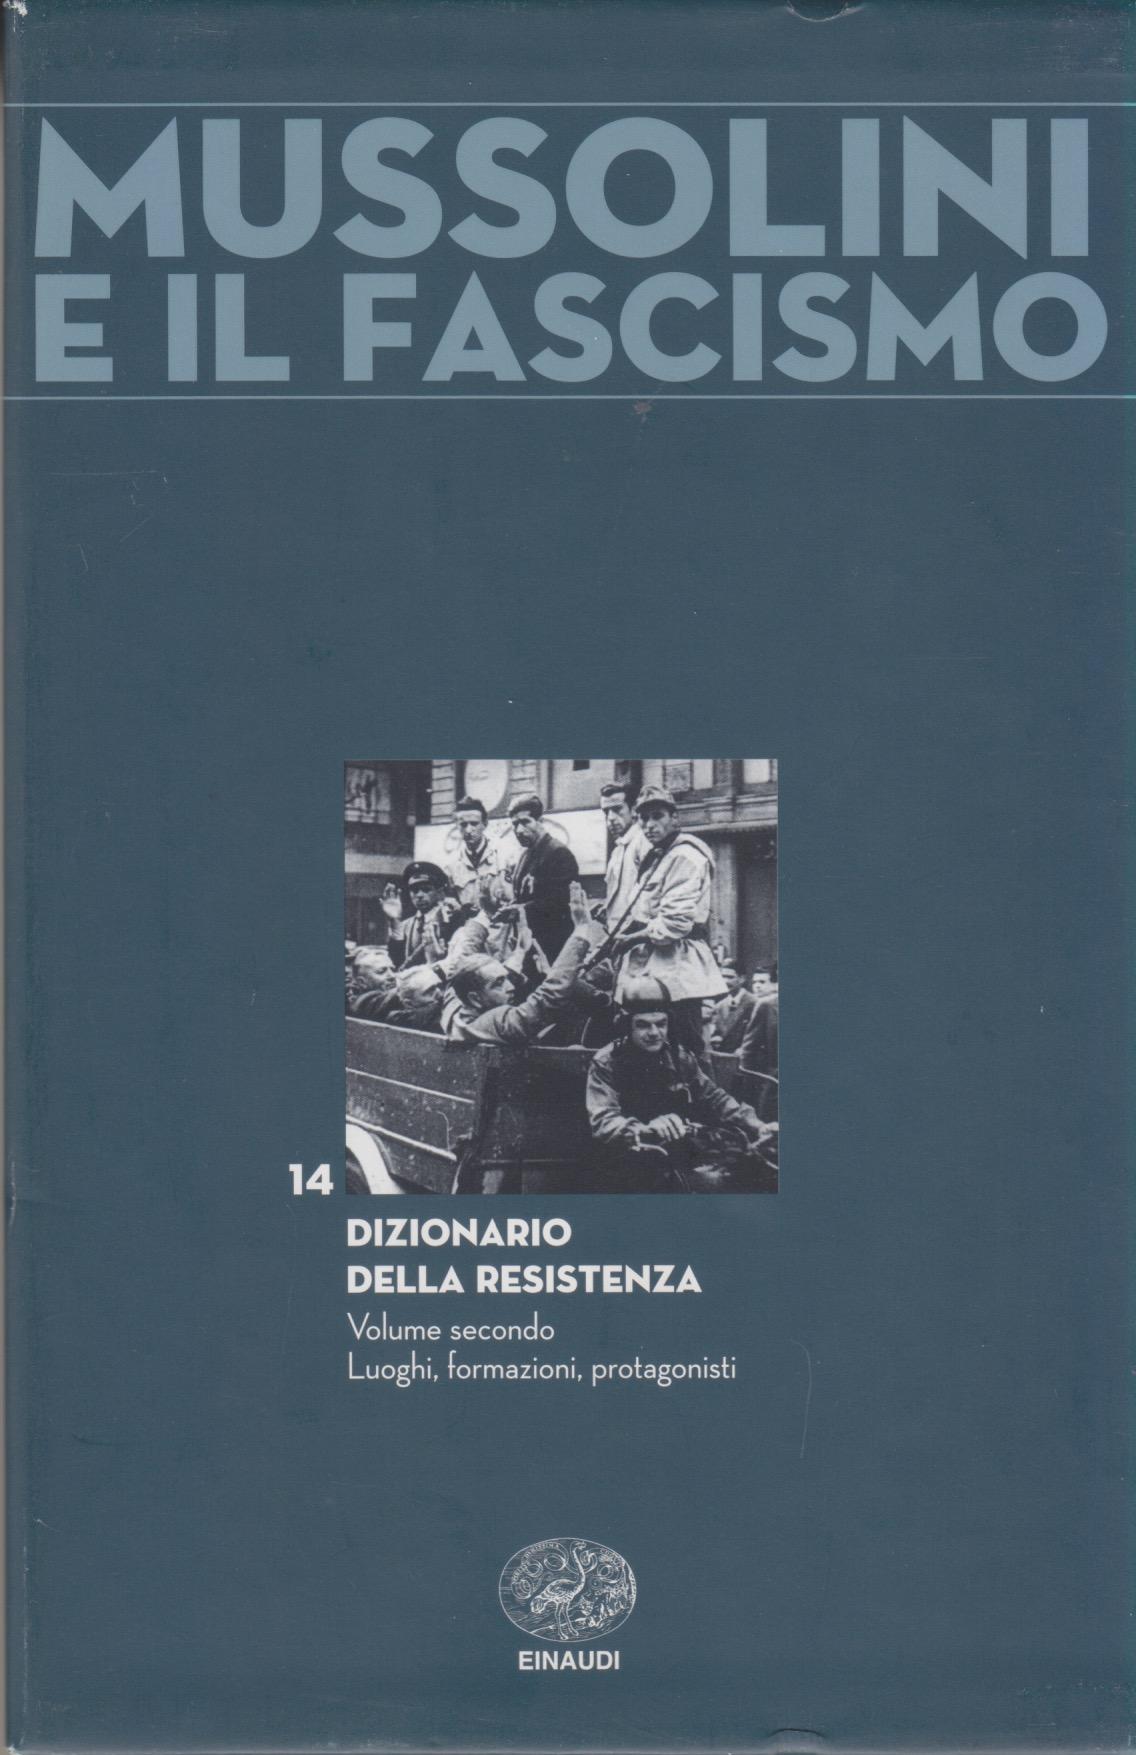 Mussolini e il fascismo - vol. 14